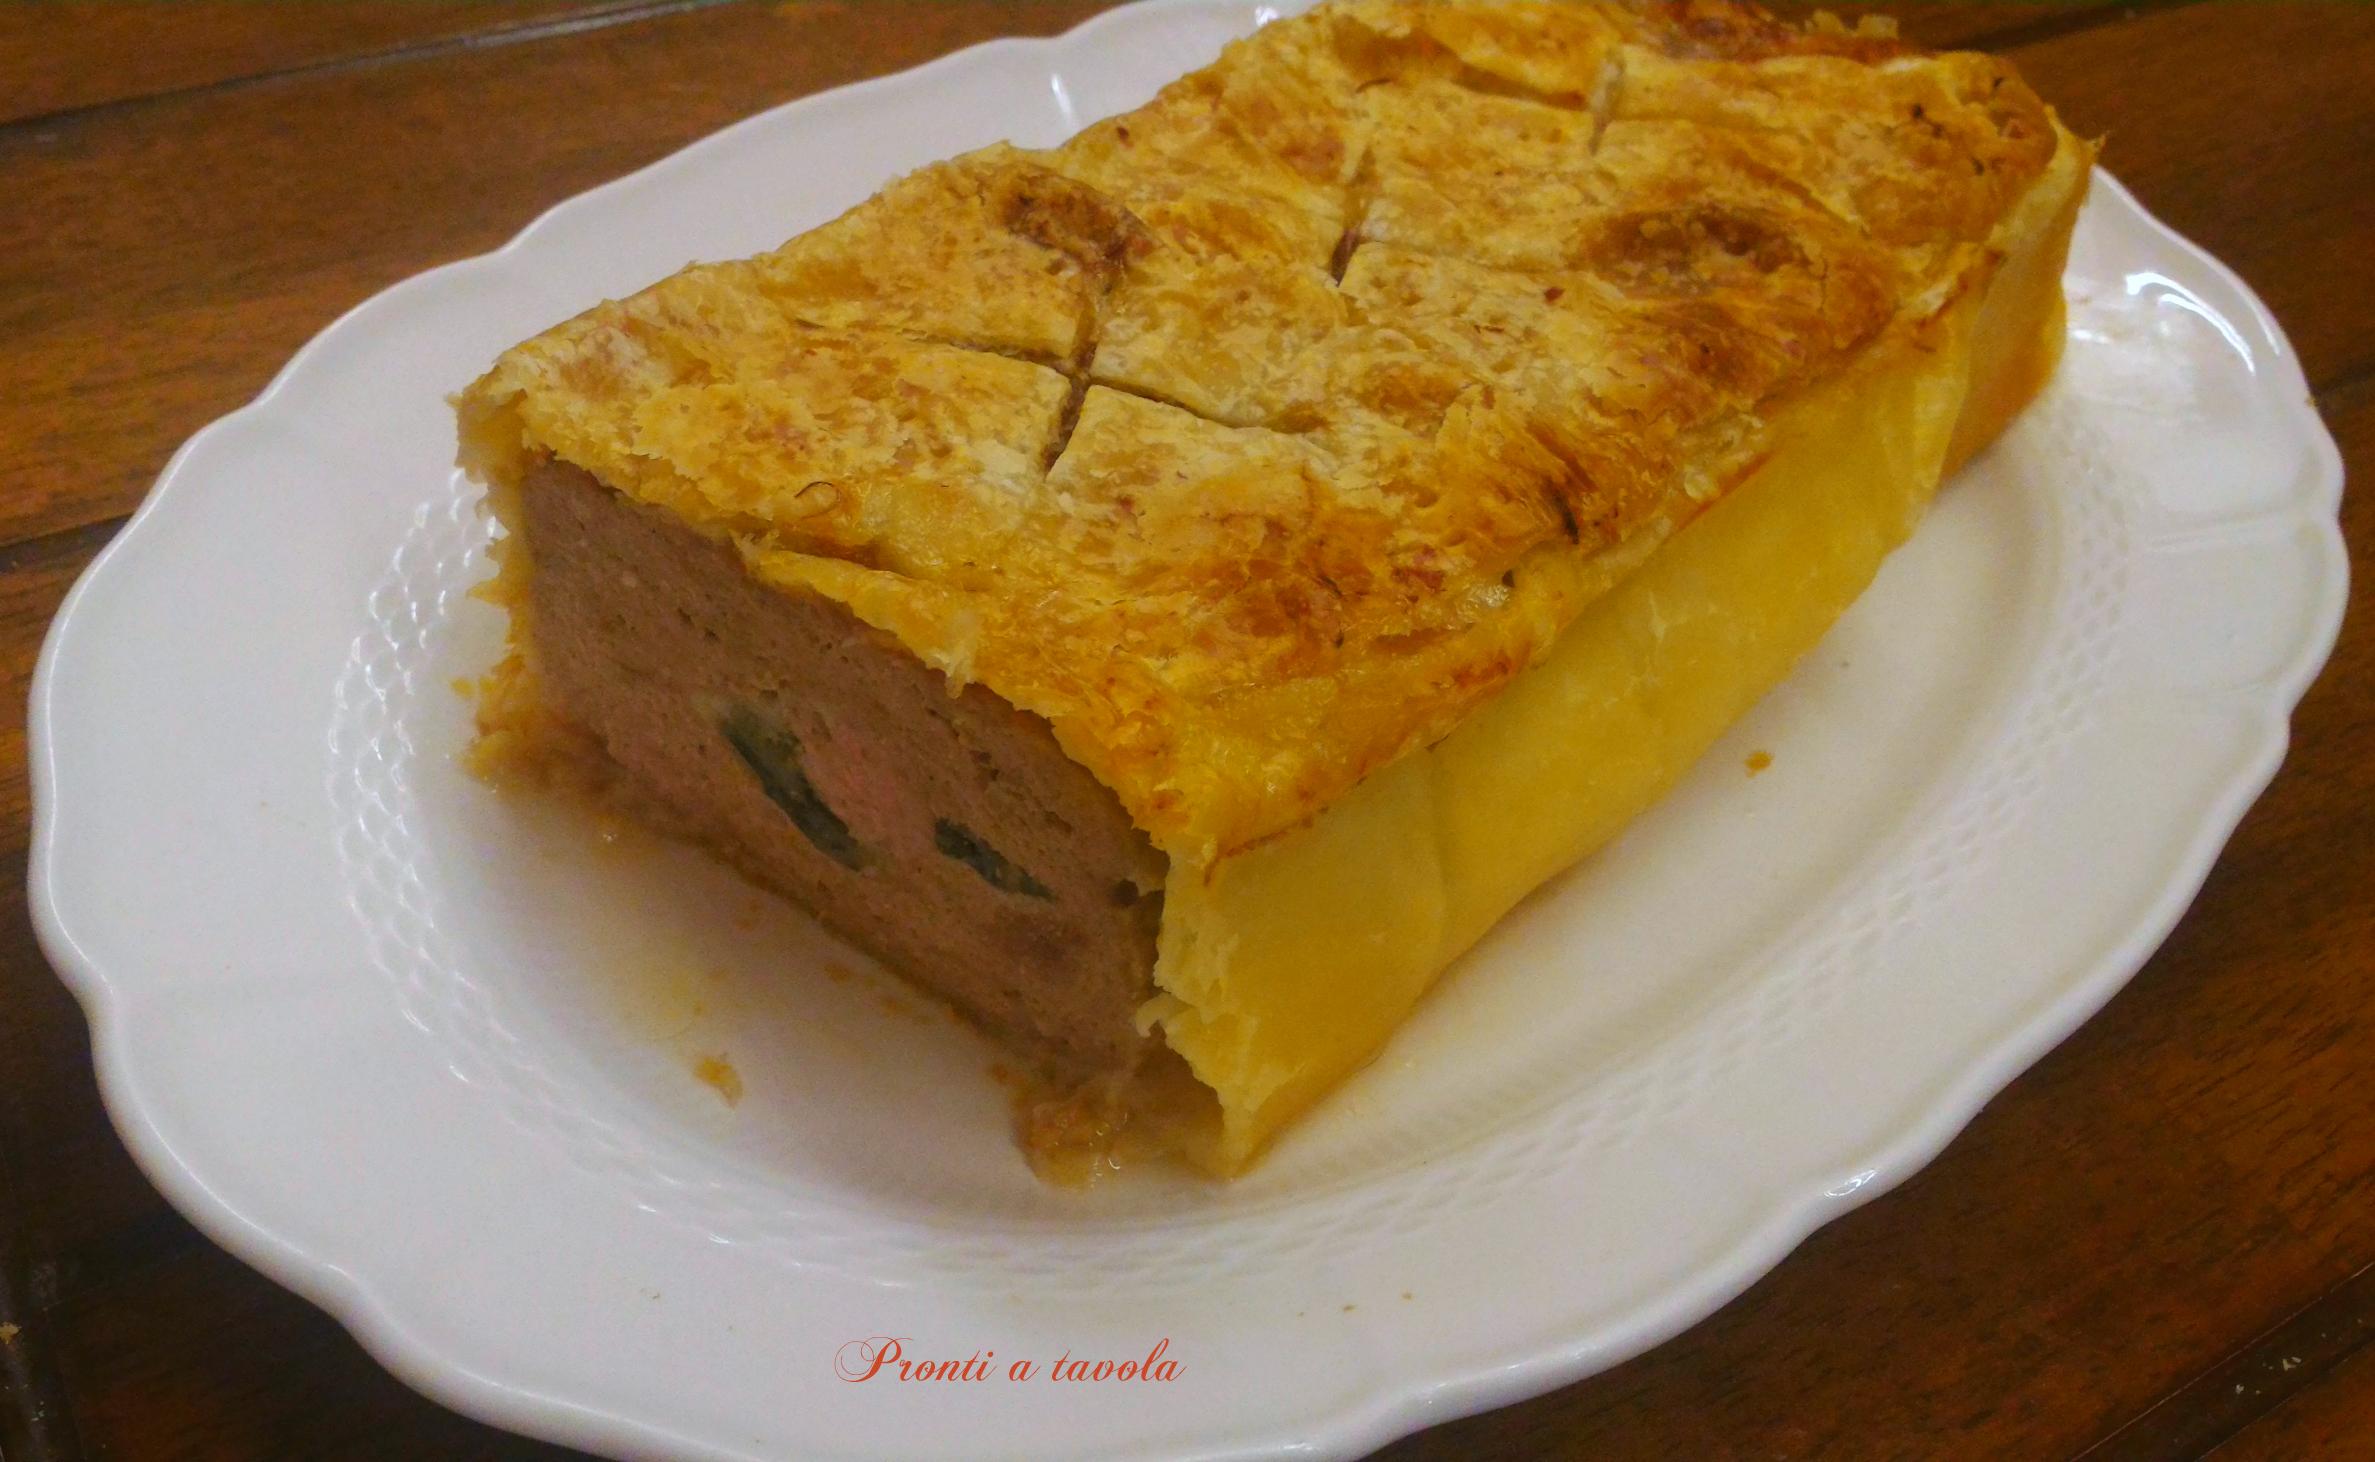 Polpettone In Crosta Pronti A Tavola! #9D6B10 2375 1462 Polpettone Classico Cucina